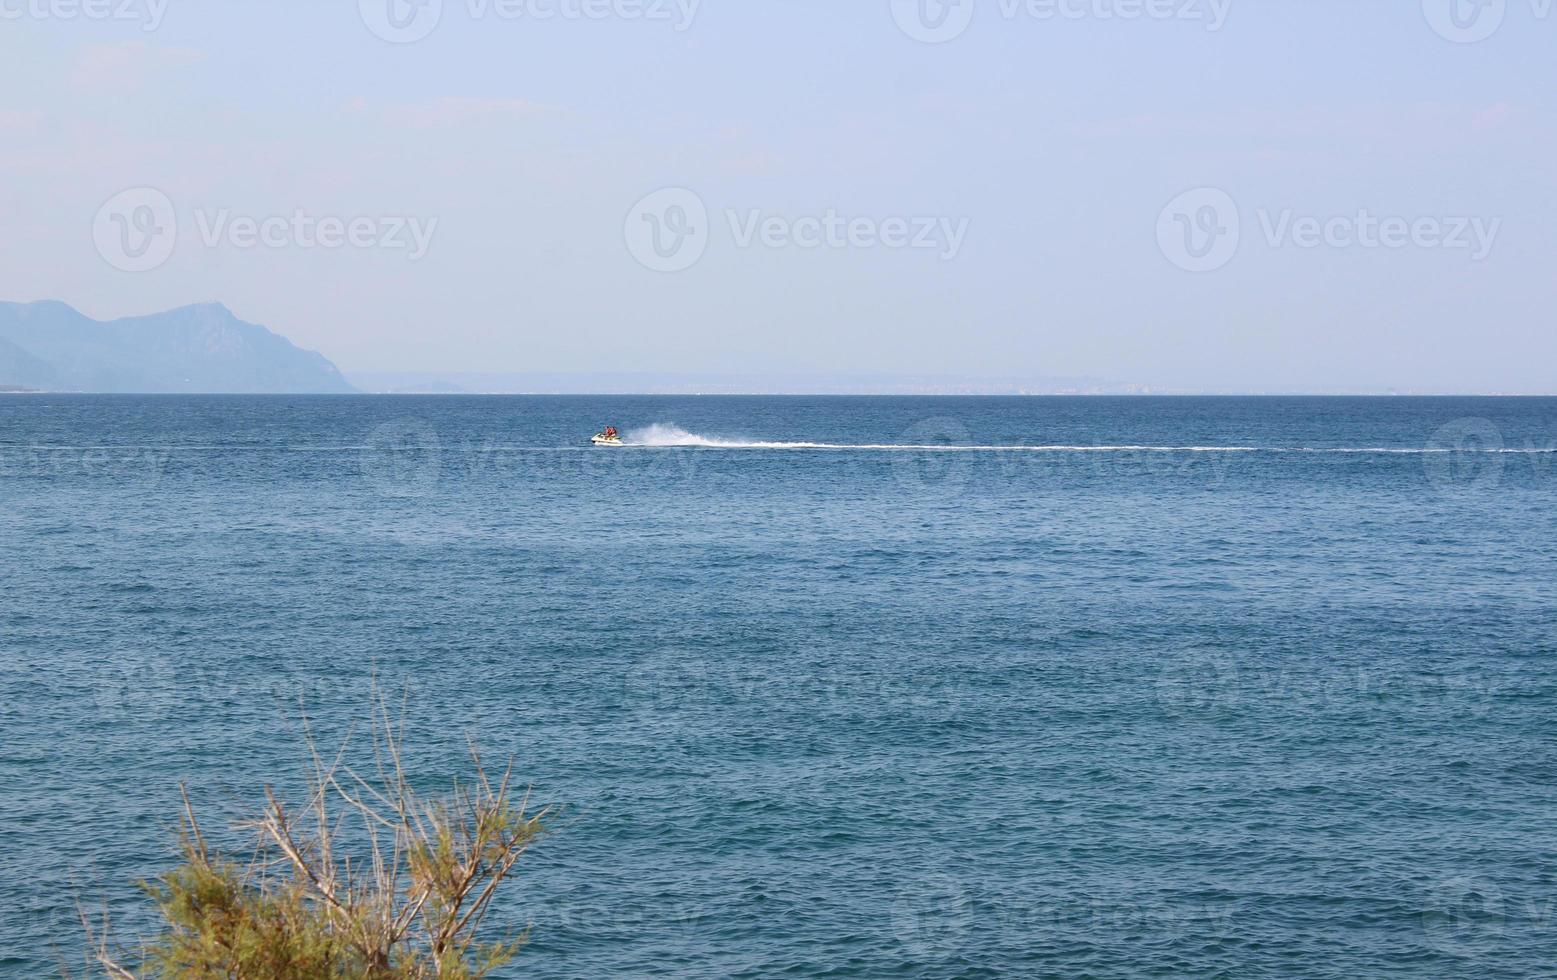 zeegezicht met bergen en mensen op een jetski foto